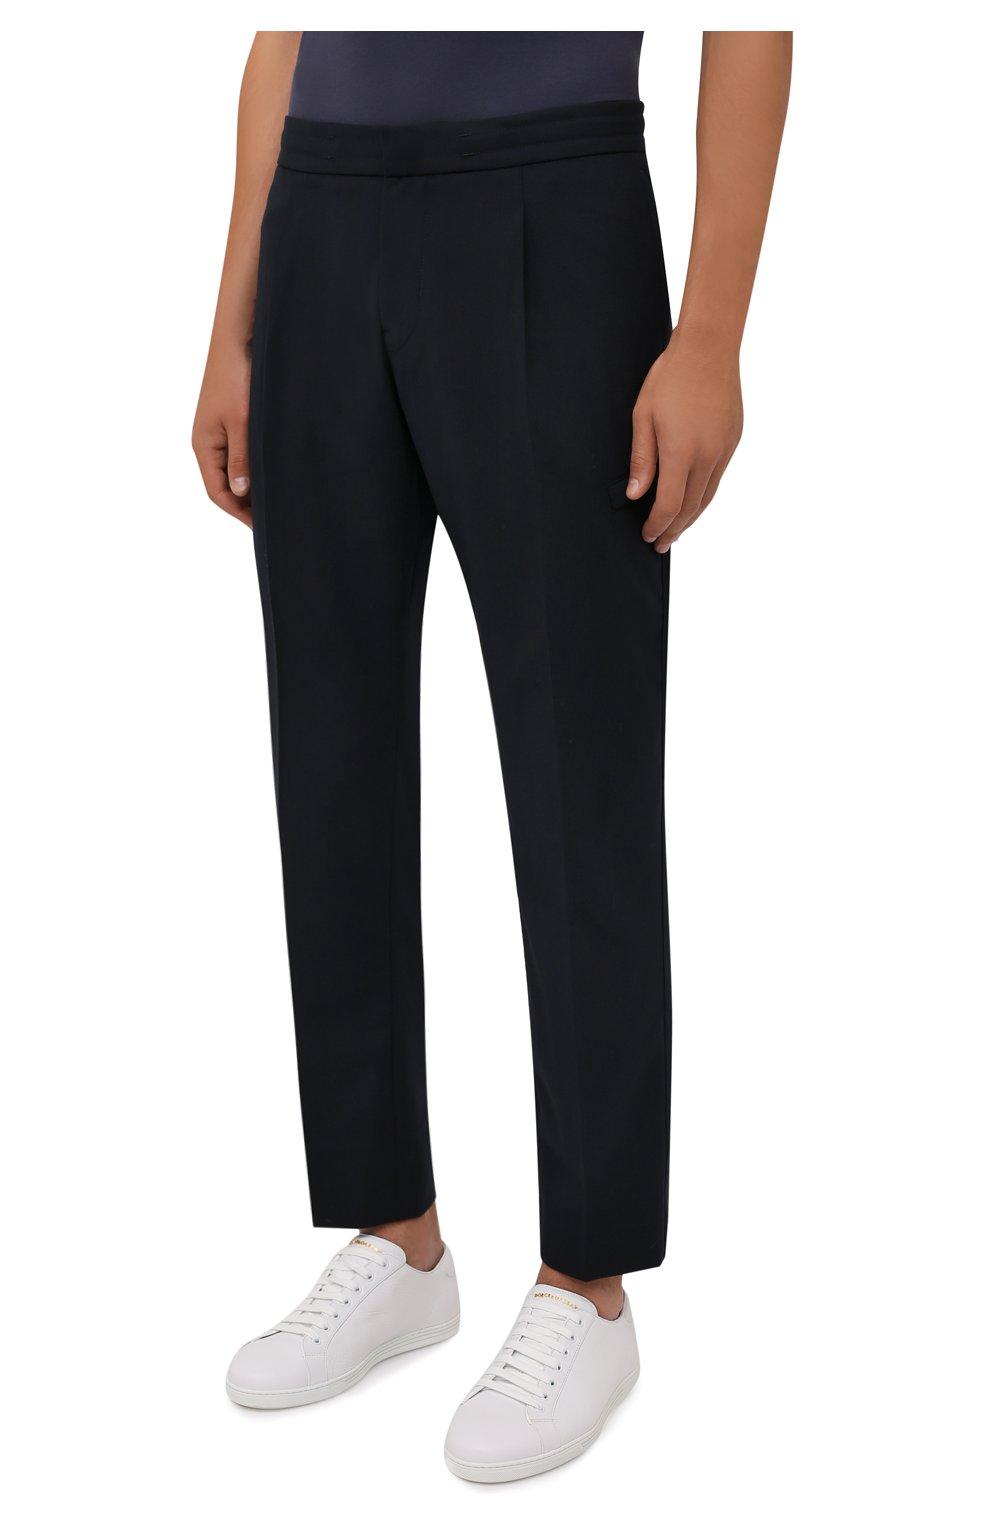 Мужские брюки BOGNER темно-синего цвета, арт. 18483283   Фото 3 (Материал внешний: Шерсть, Синтетический материал; Длина (брюки, джинсы): Стандартные; Случай: Повседневный; Материал подклада: Синтетический материал; Стили: Кэжуэл)